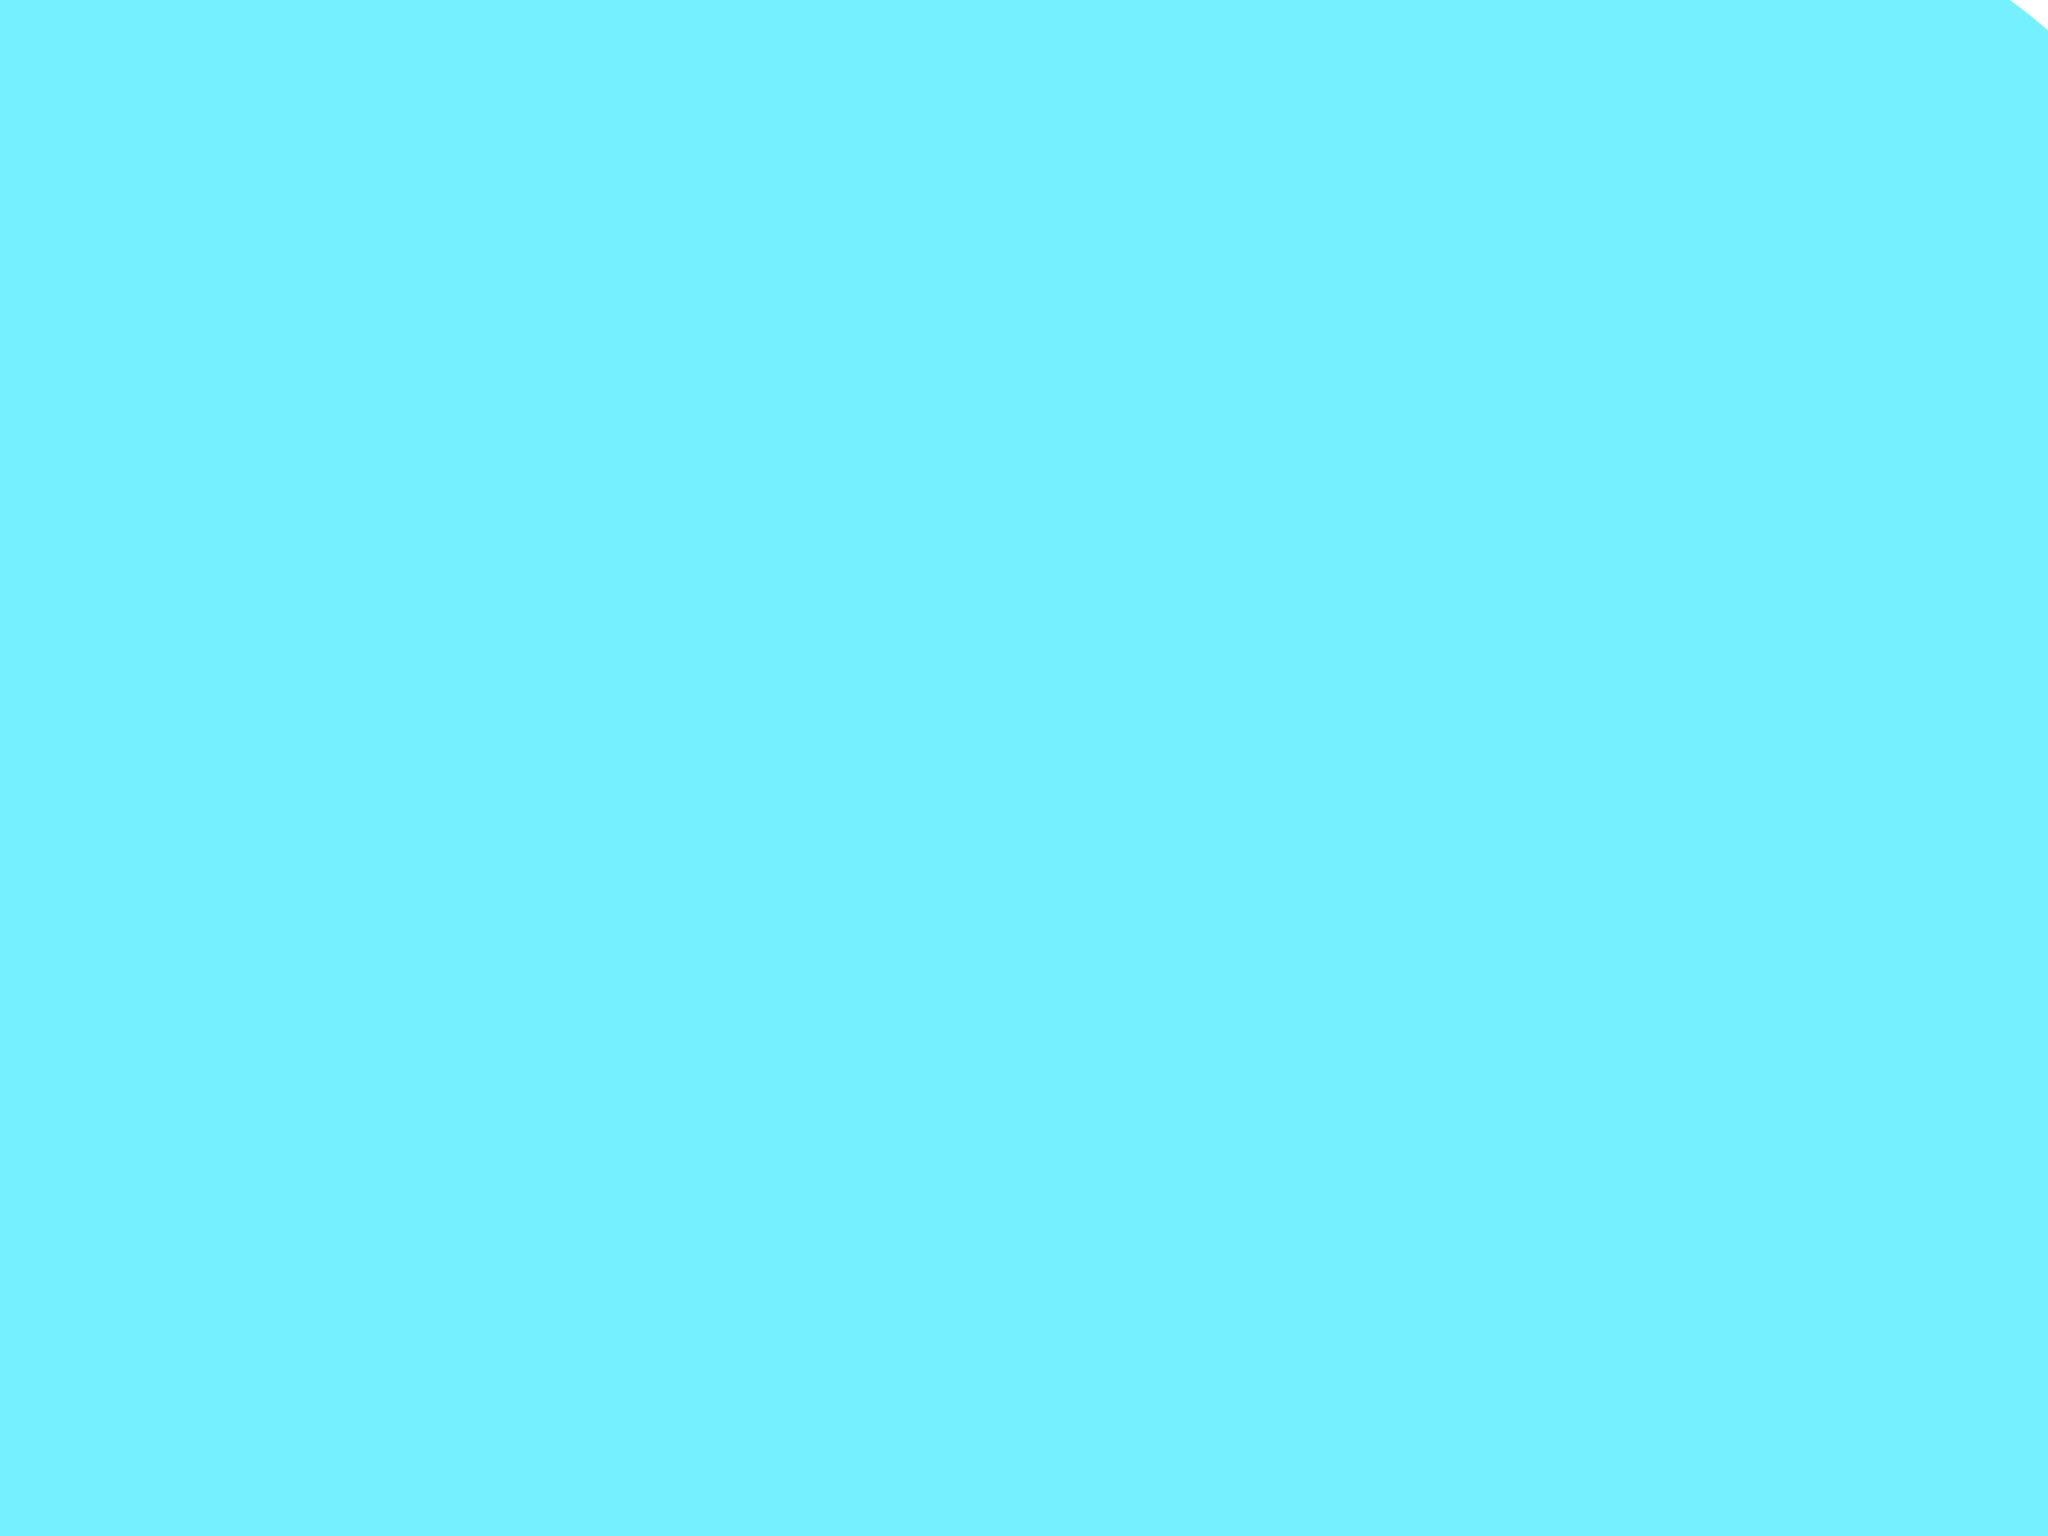 azul cielo fondos pinterest cielo azul y pantalla